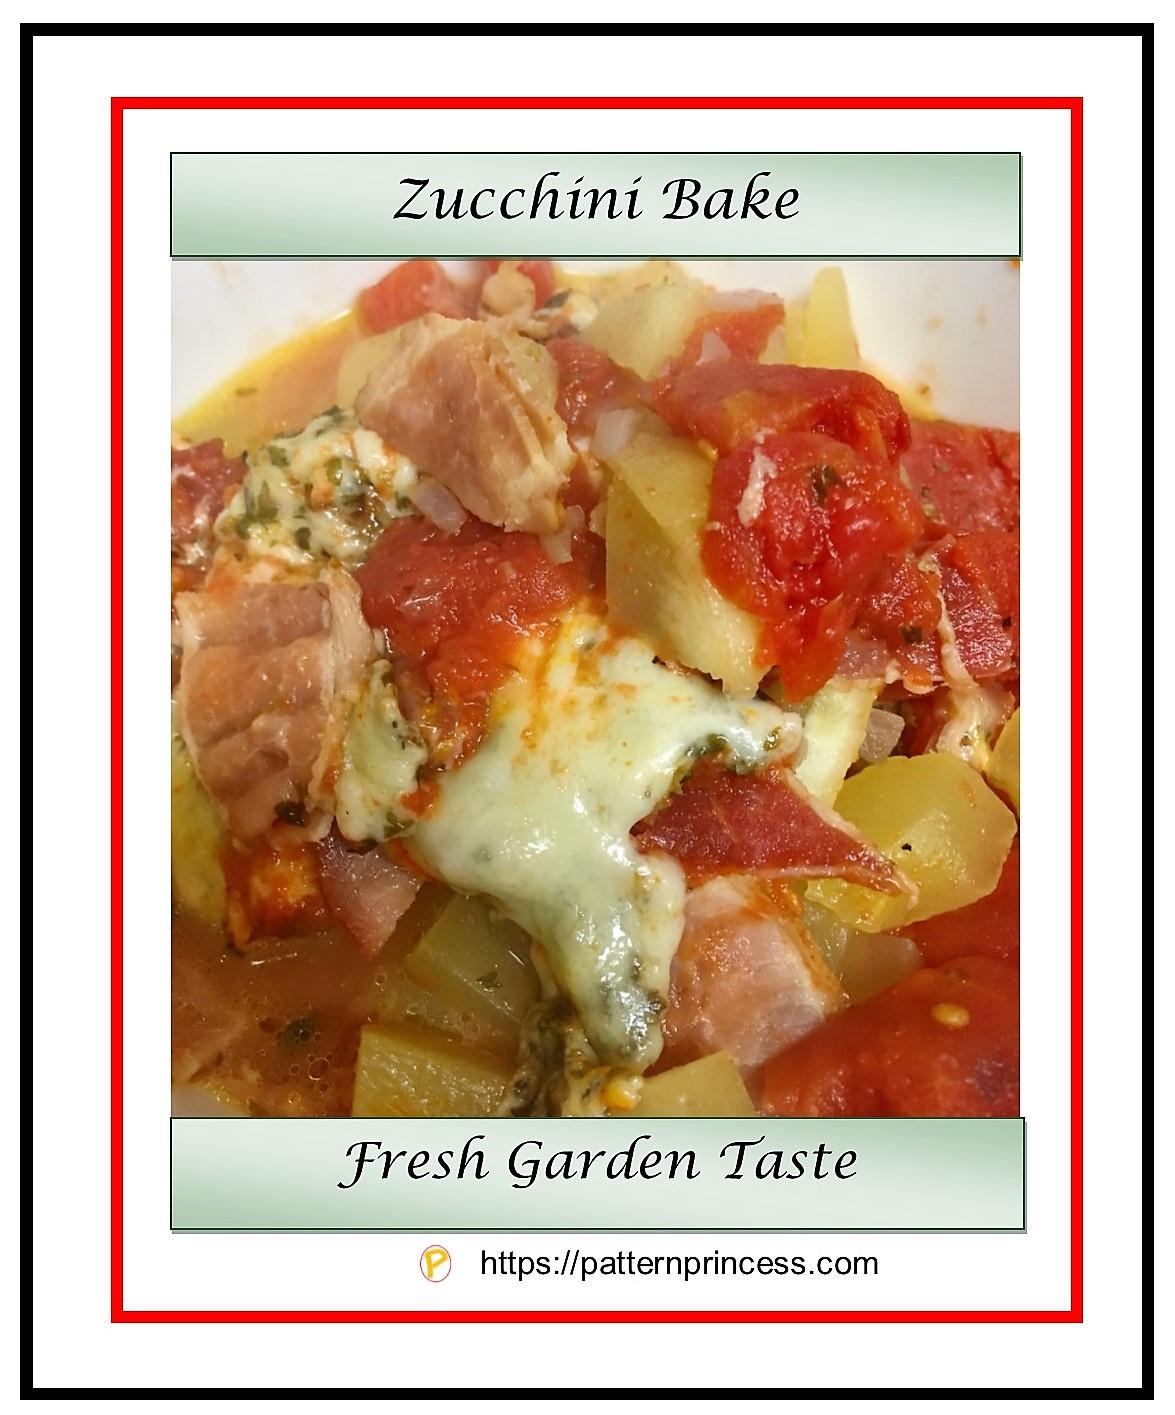 Zucchini Bake 1